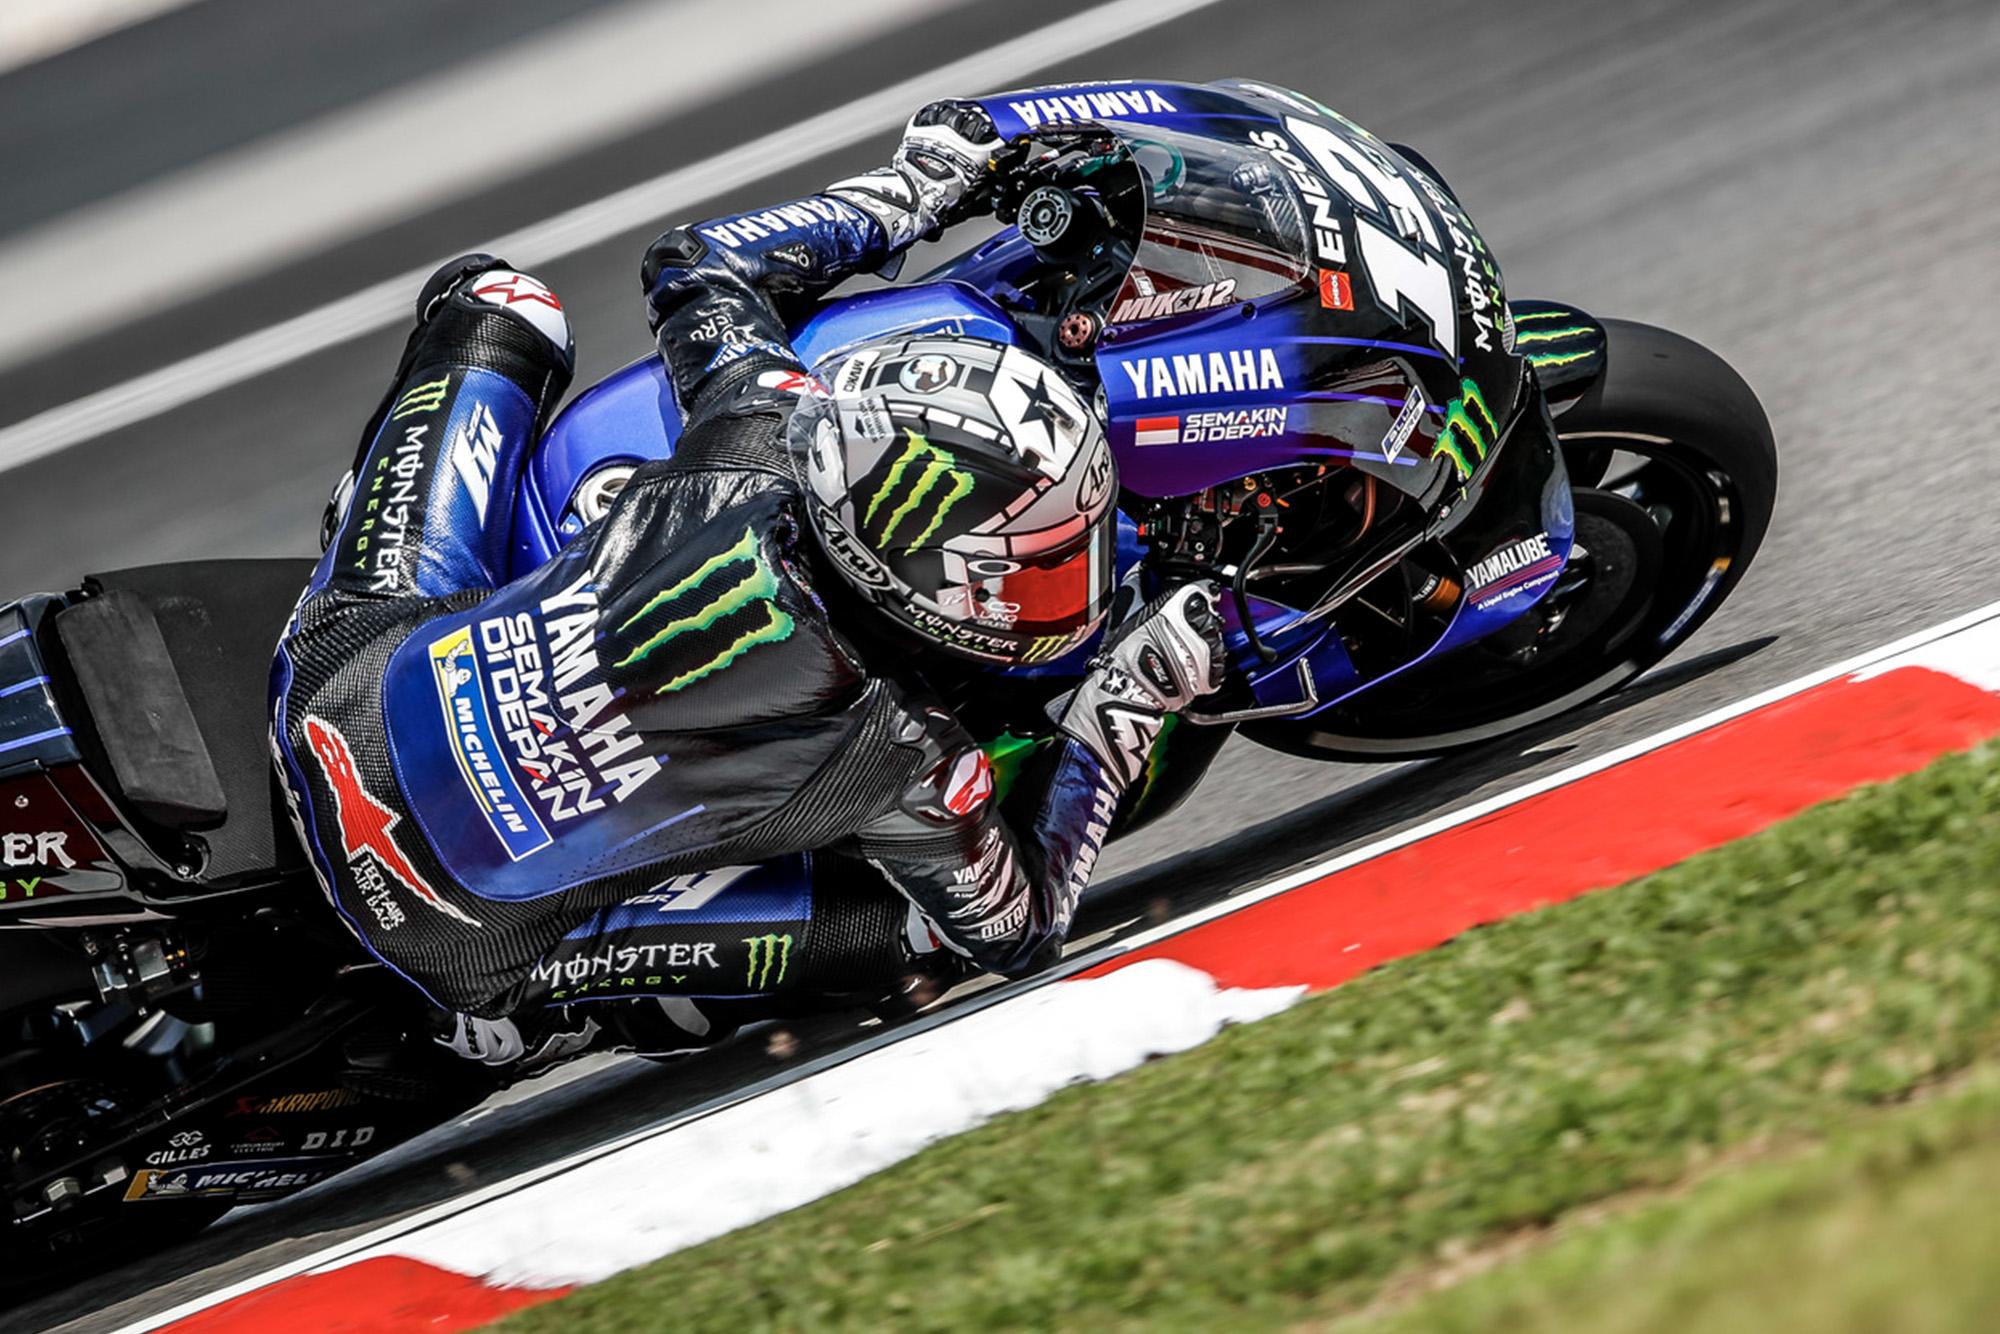 Why Yamaha ruled at Sepang: 2019 MotoGP Malaysian GP